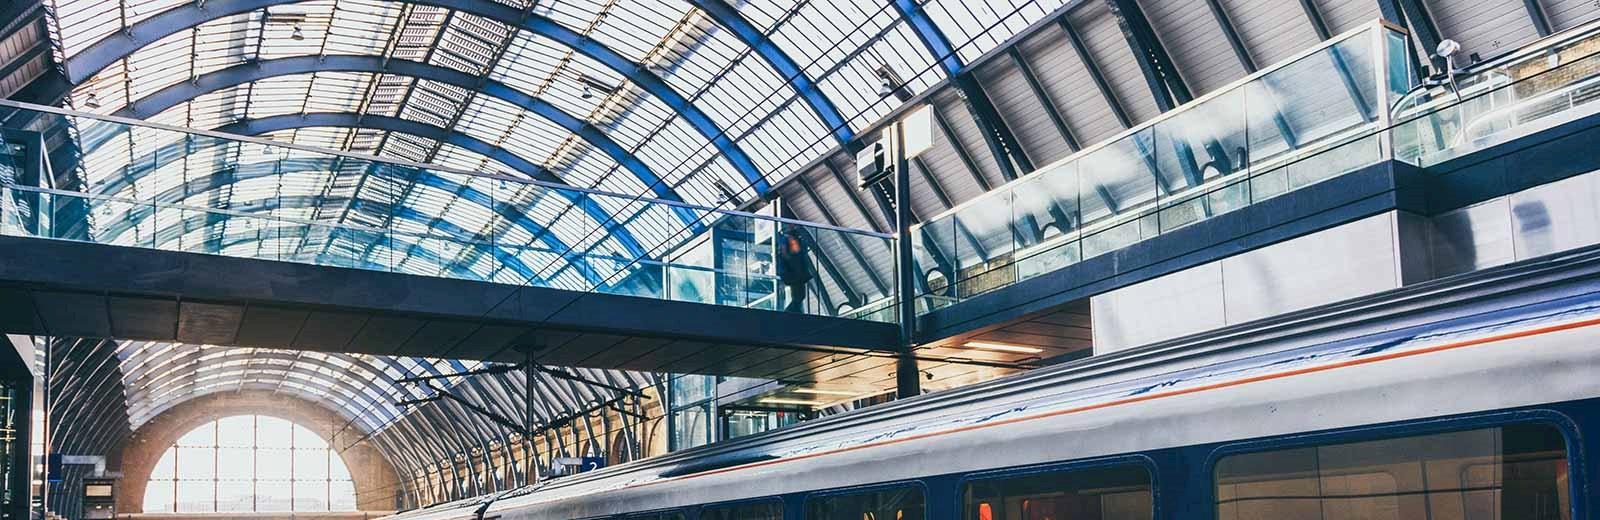 London Public Transport TFL - Mace Group